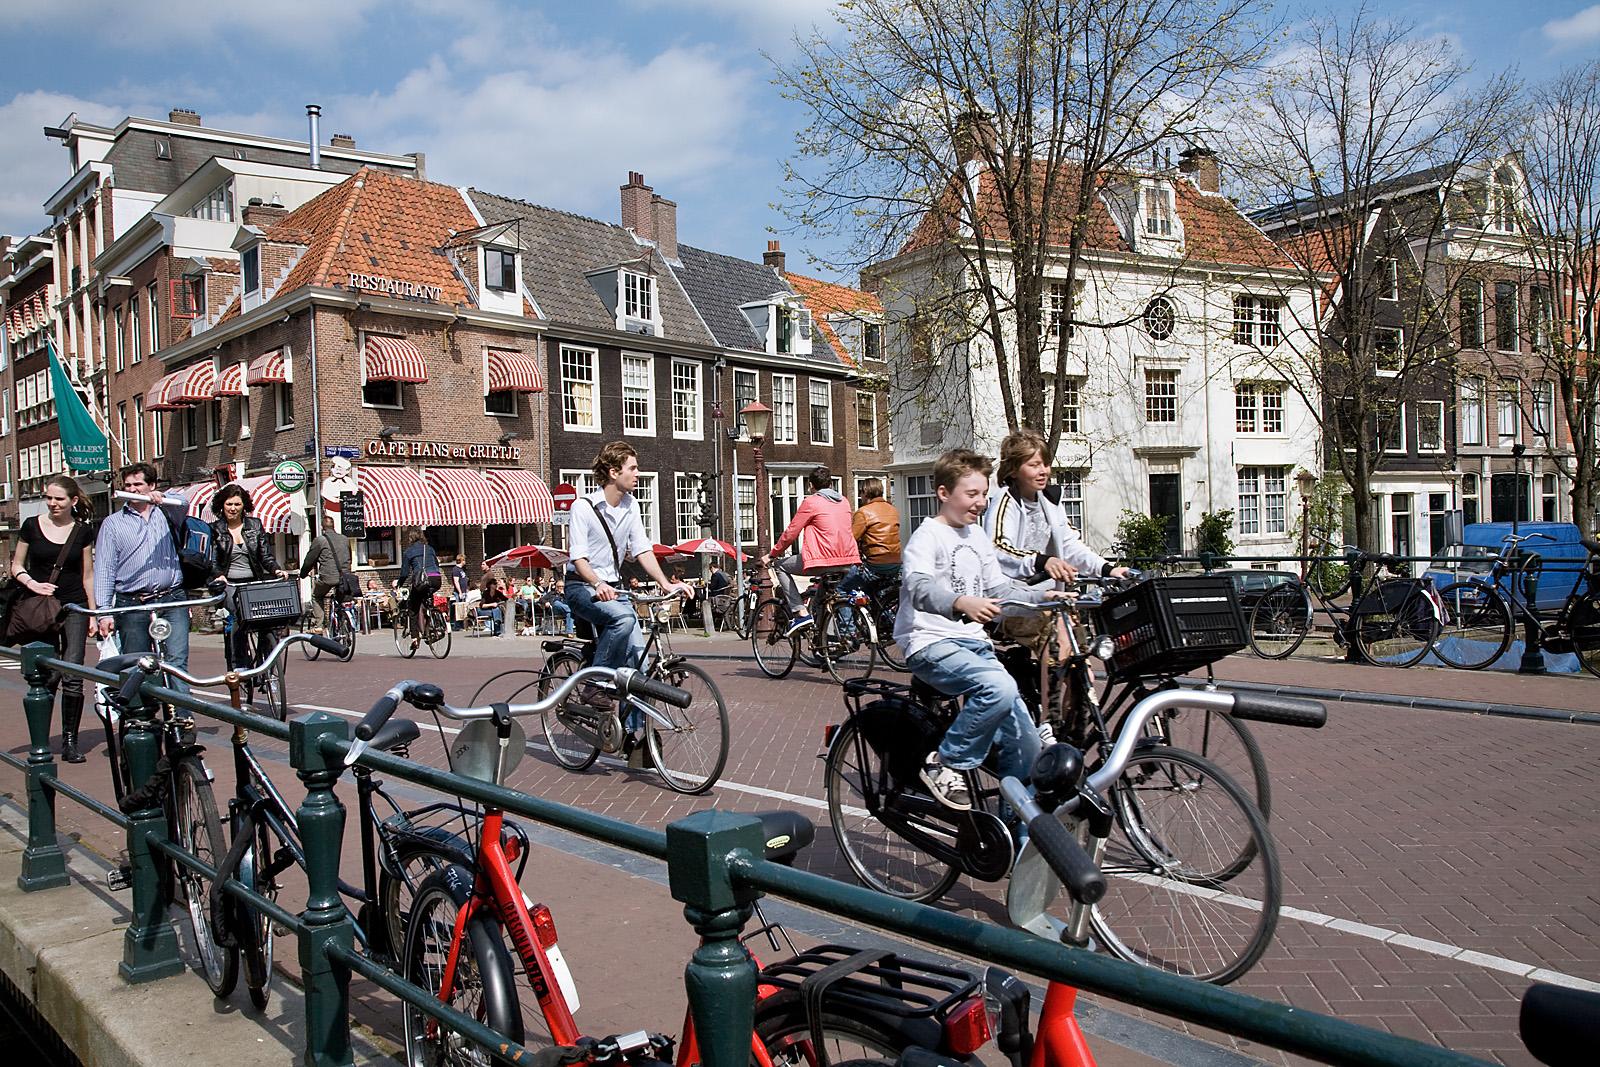 8. Bicicletas en la ciudad, el mejor medio de transporte. Autor, Jorge Royan